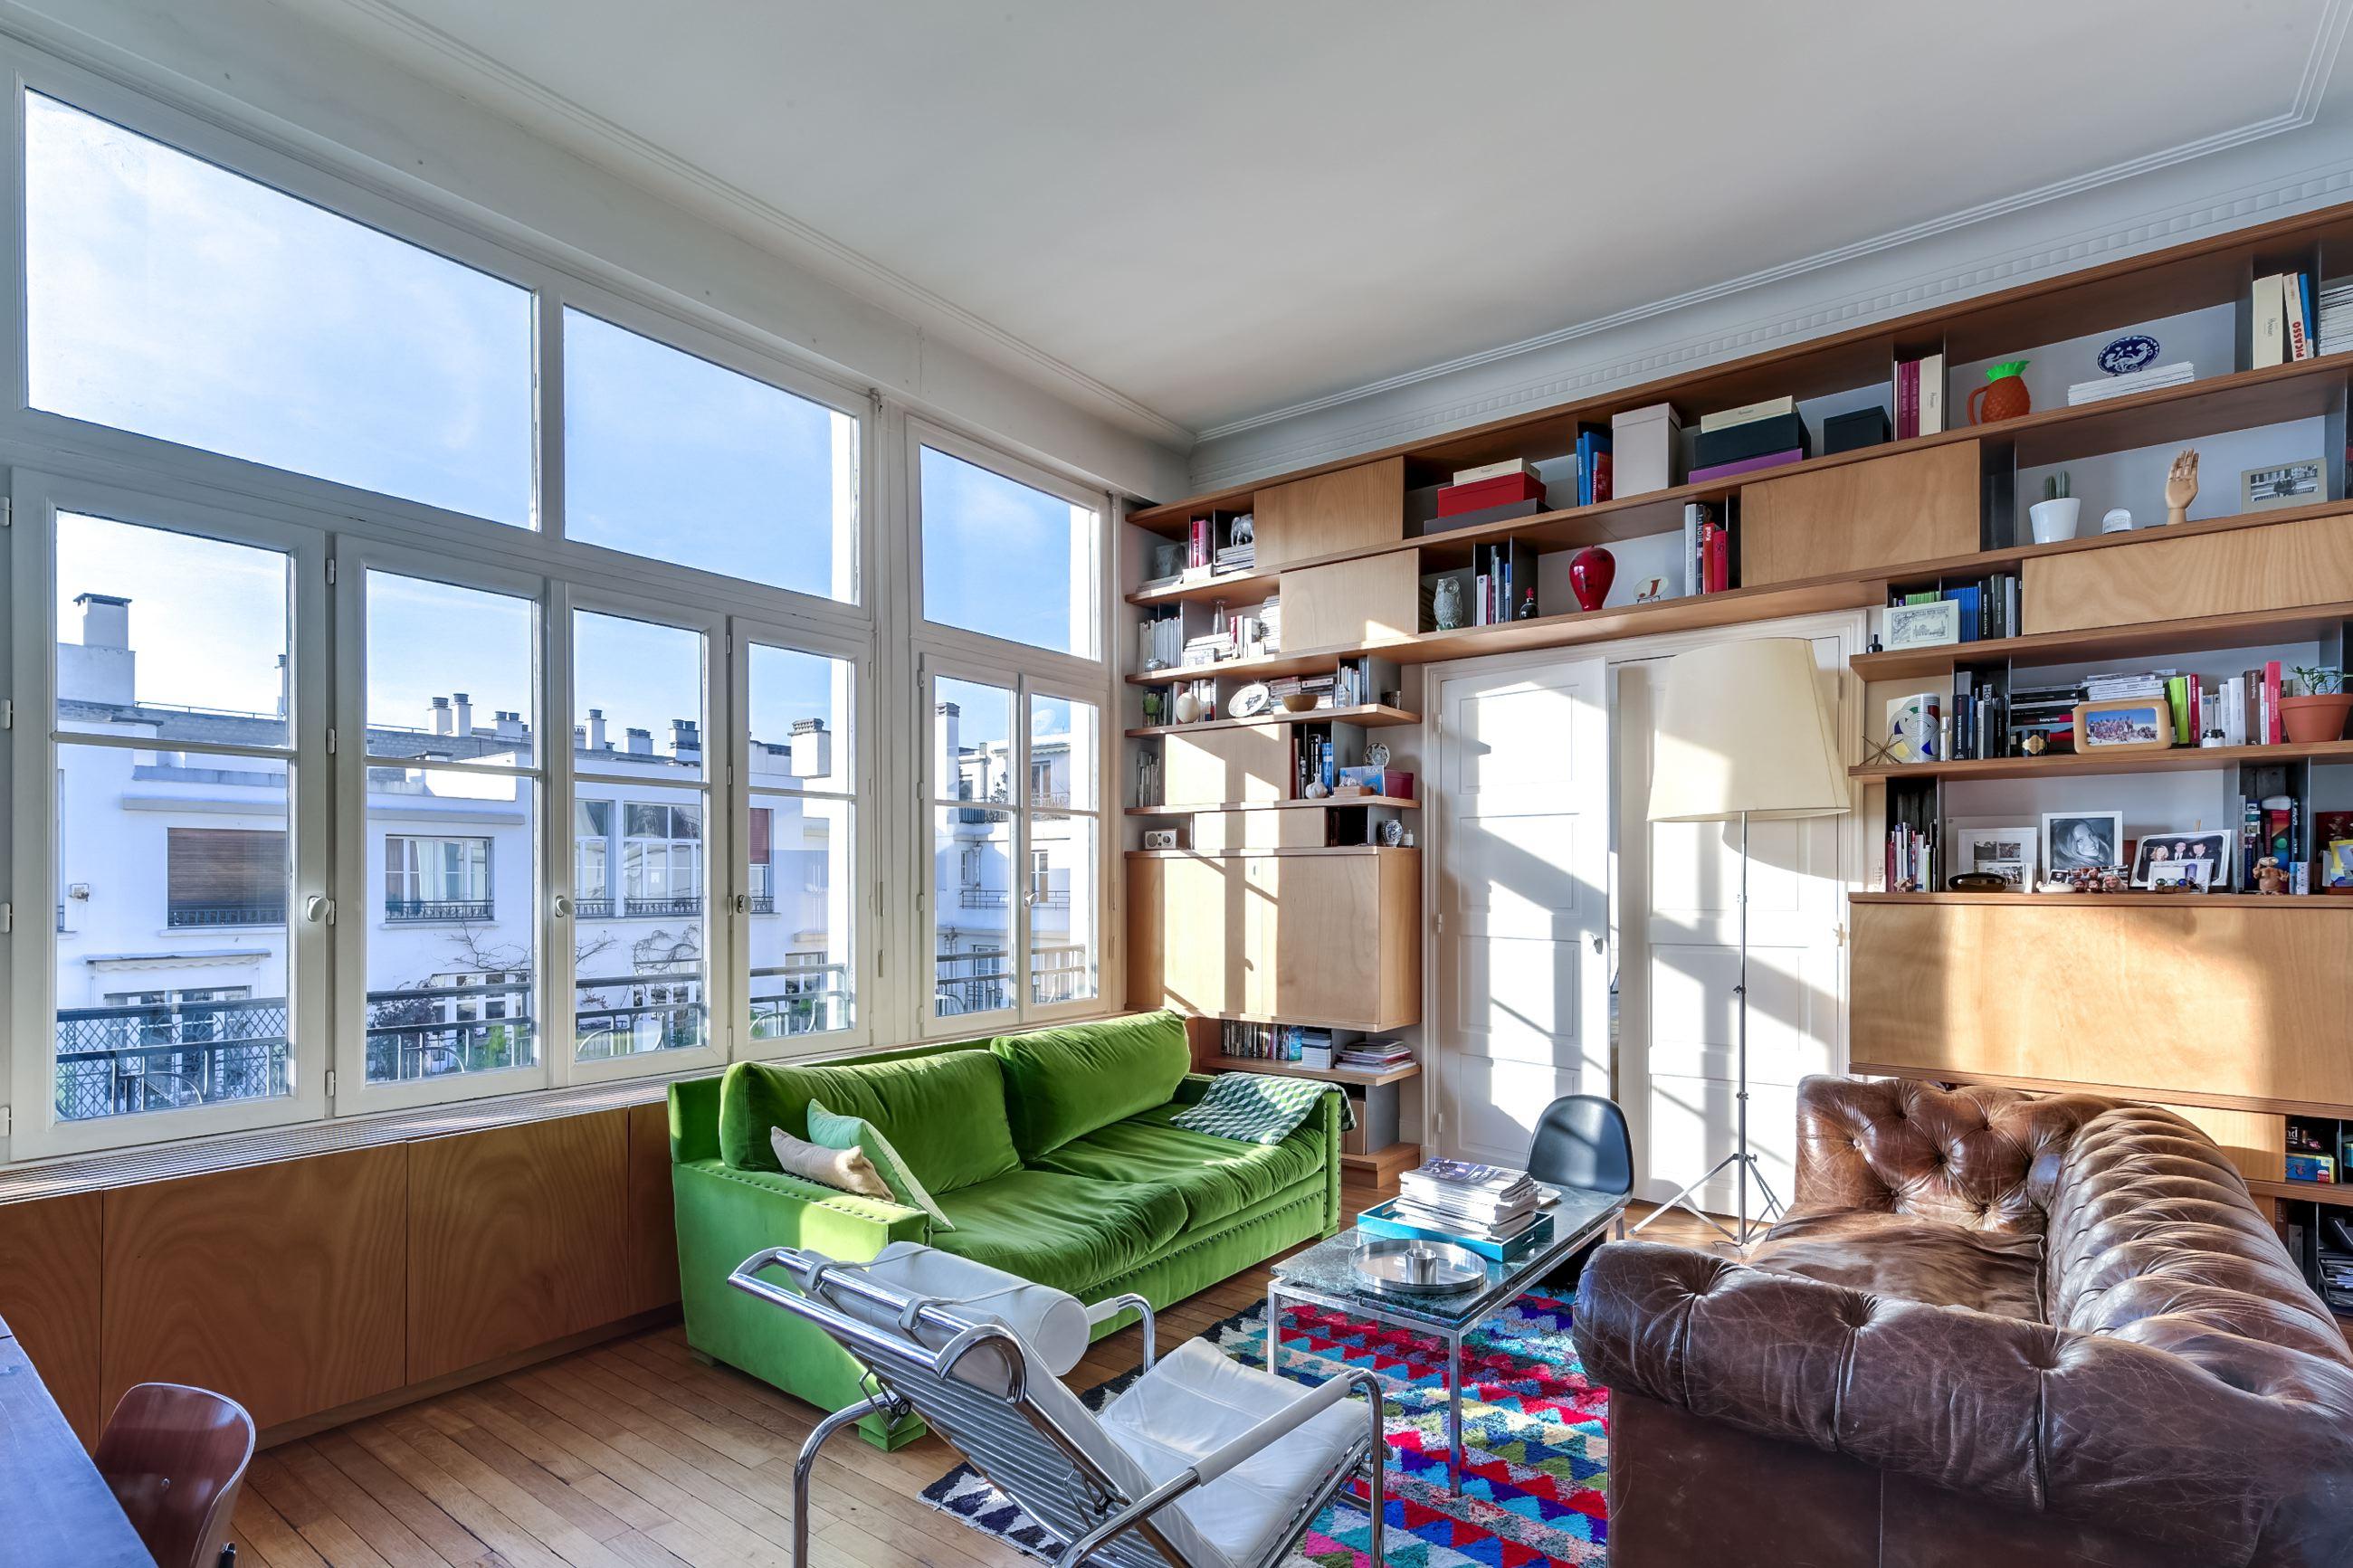 Dernier étage &#8211; 97 m² de pur bonheur &#8211; Paris 16<sup>ème</sup> sud